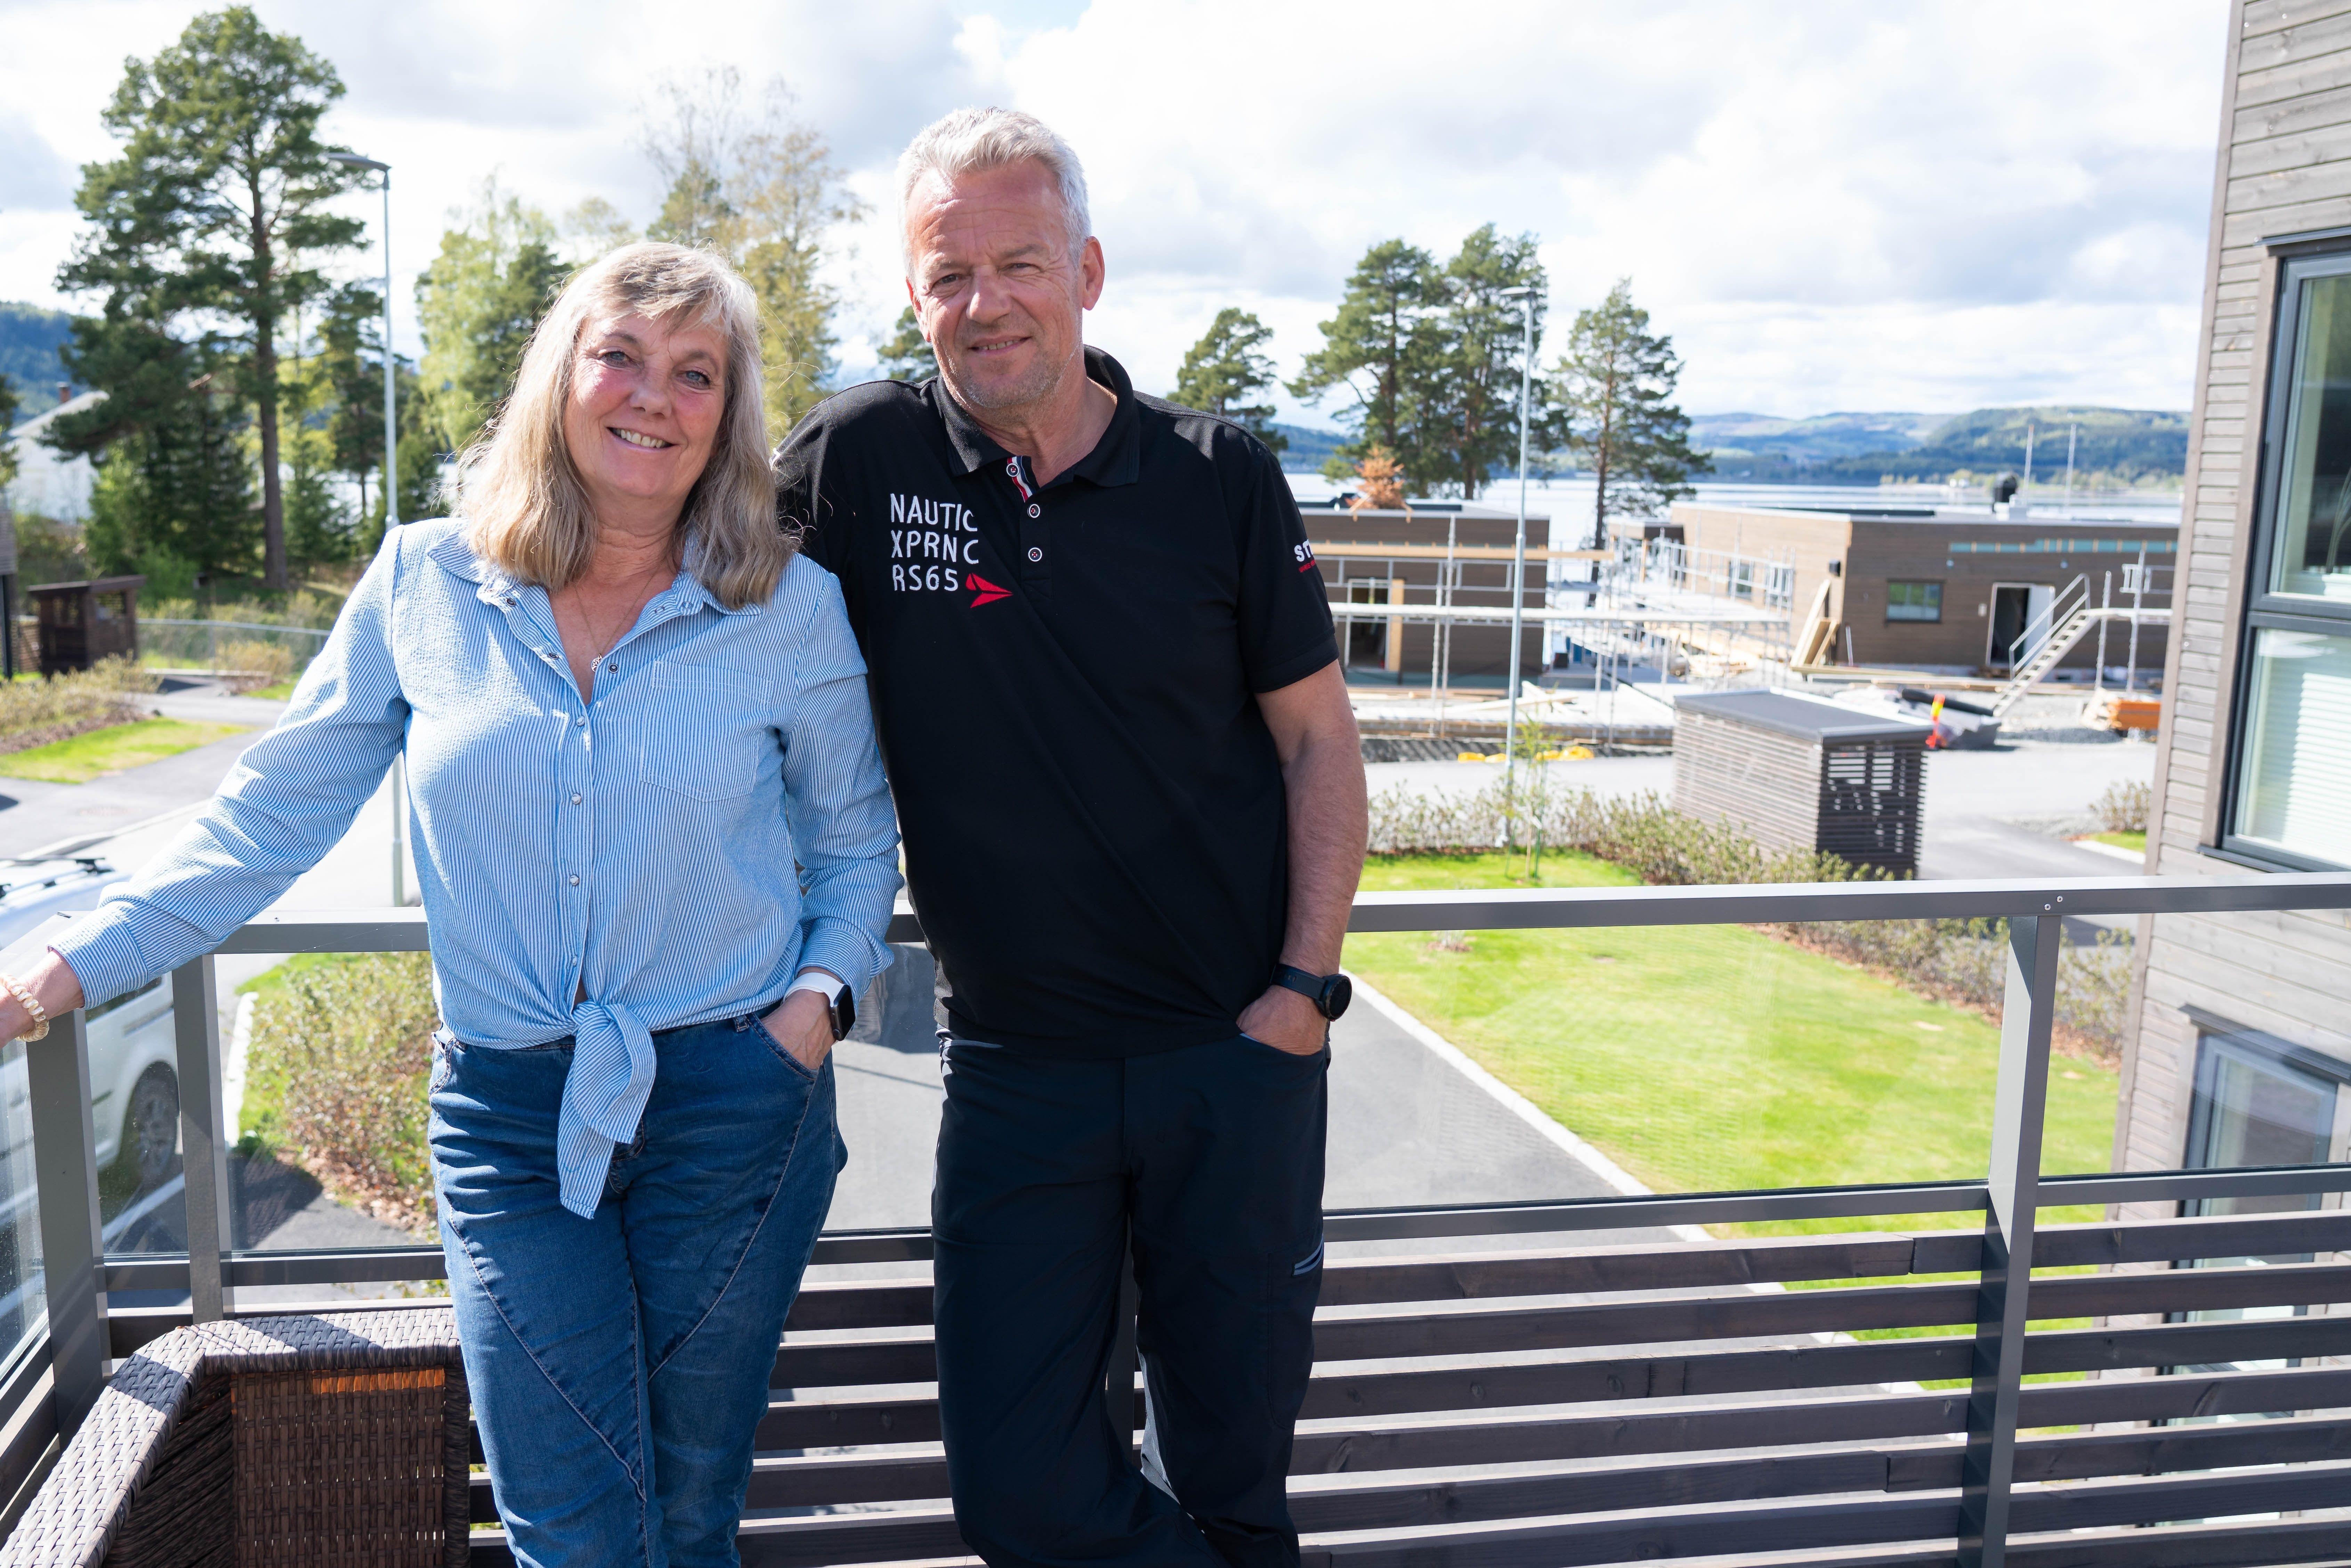 NYTER HVERDAGEN: Anne-Lise og Roger Engeskaug har bodd i Strandvegen Panorama siden 2018, og har aldri angret på at de flyttet dit.